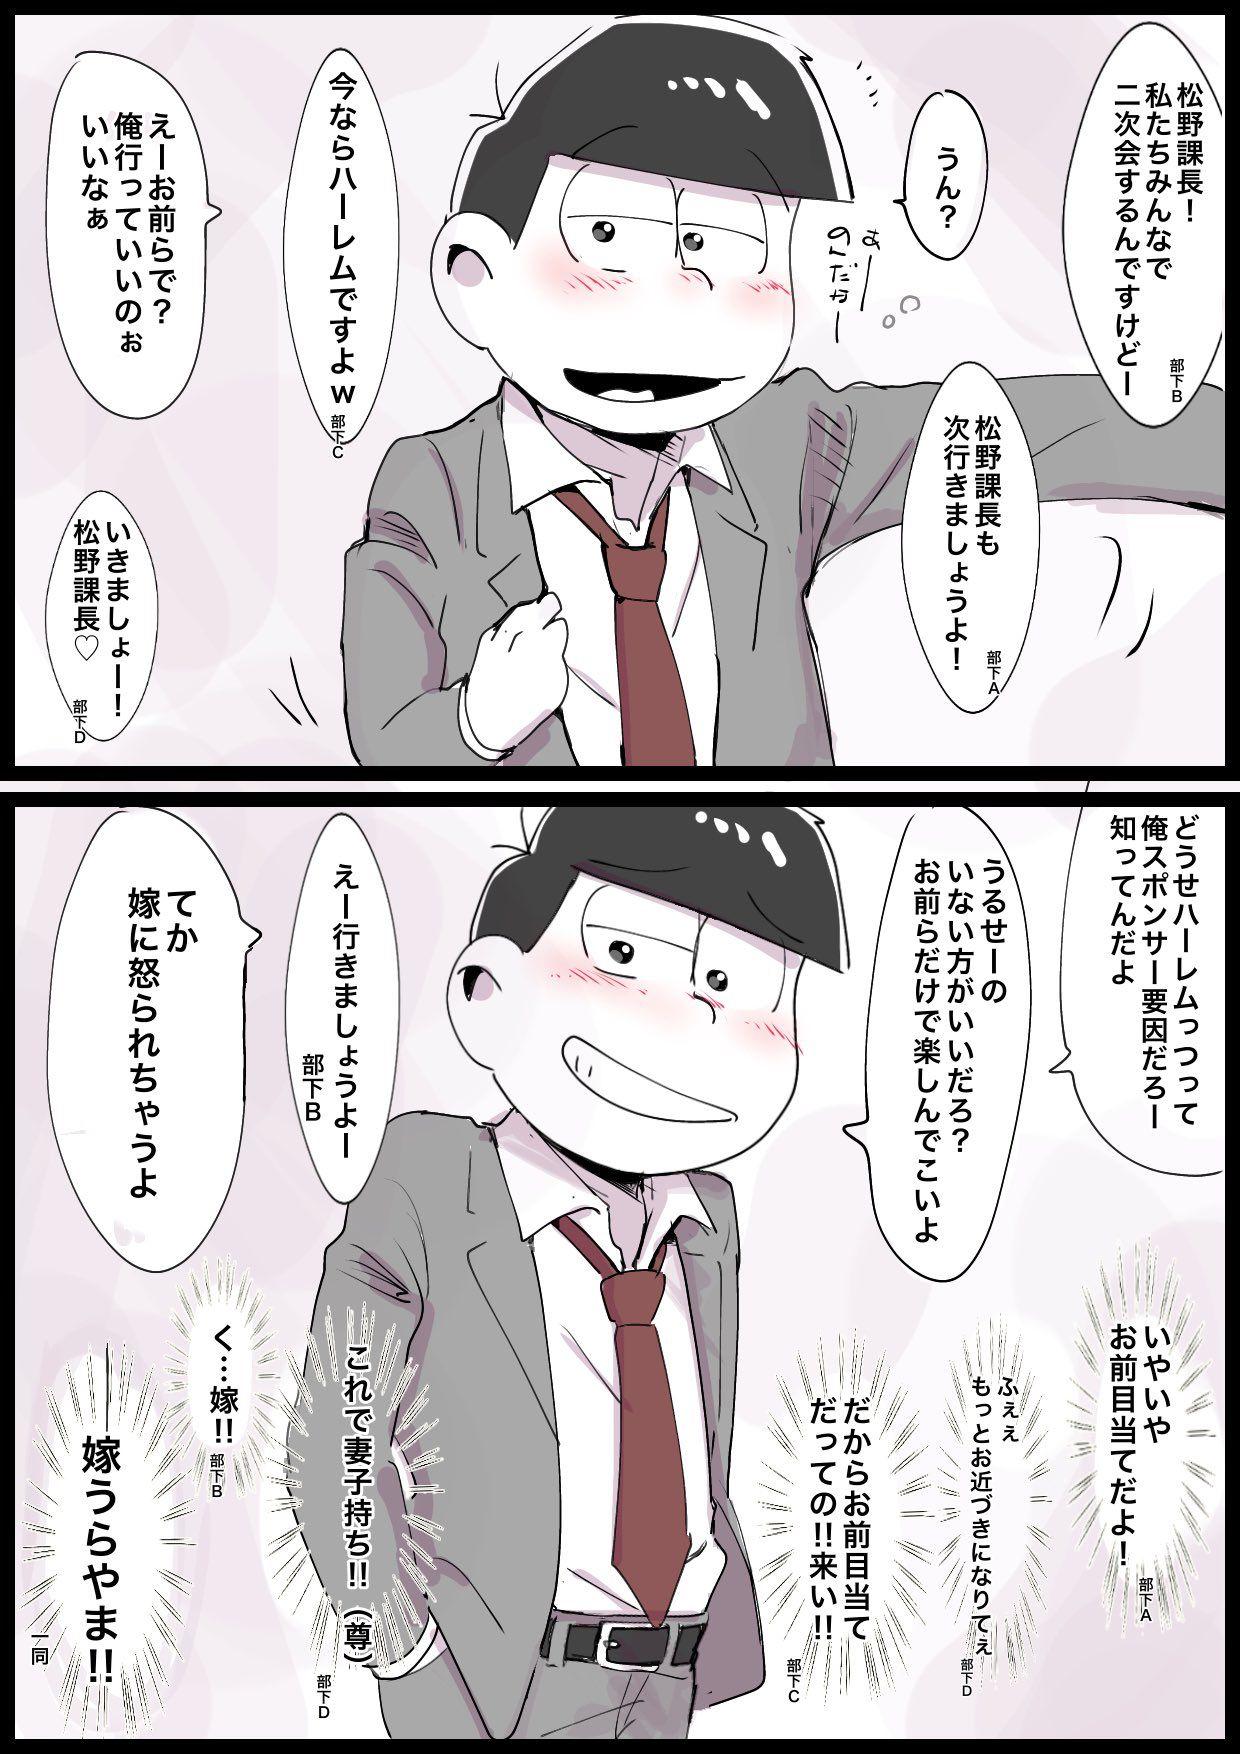 オモコホ おしゃれまとめの人気アイデア pinterest yuppii おそ松さん 壁紙 おそ松さんイラスト 漫画